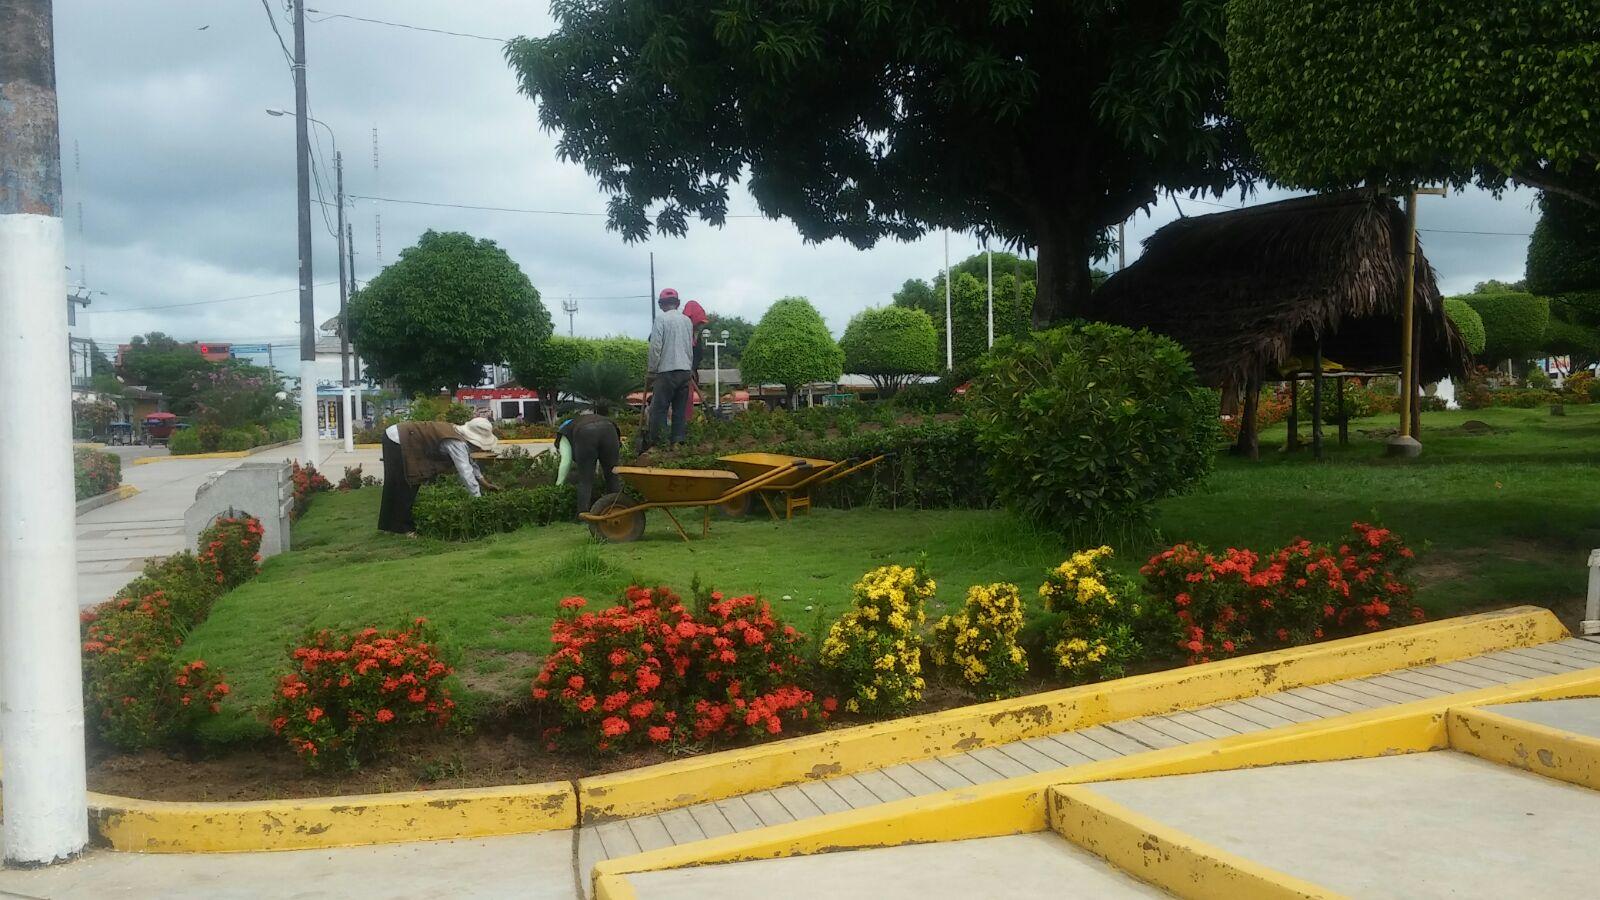 Muniyarinacocha parques y jardines for Parques y jardines